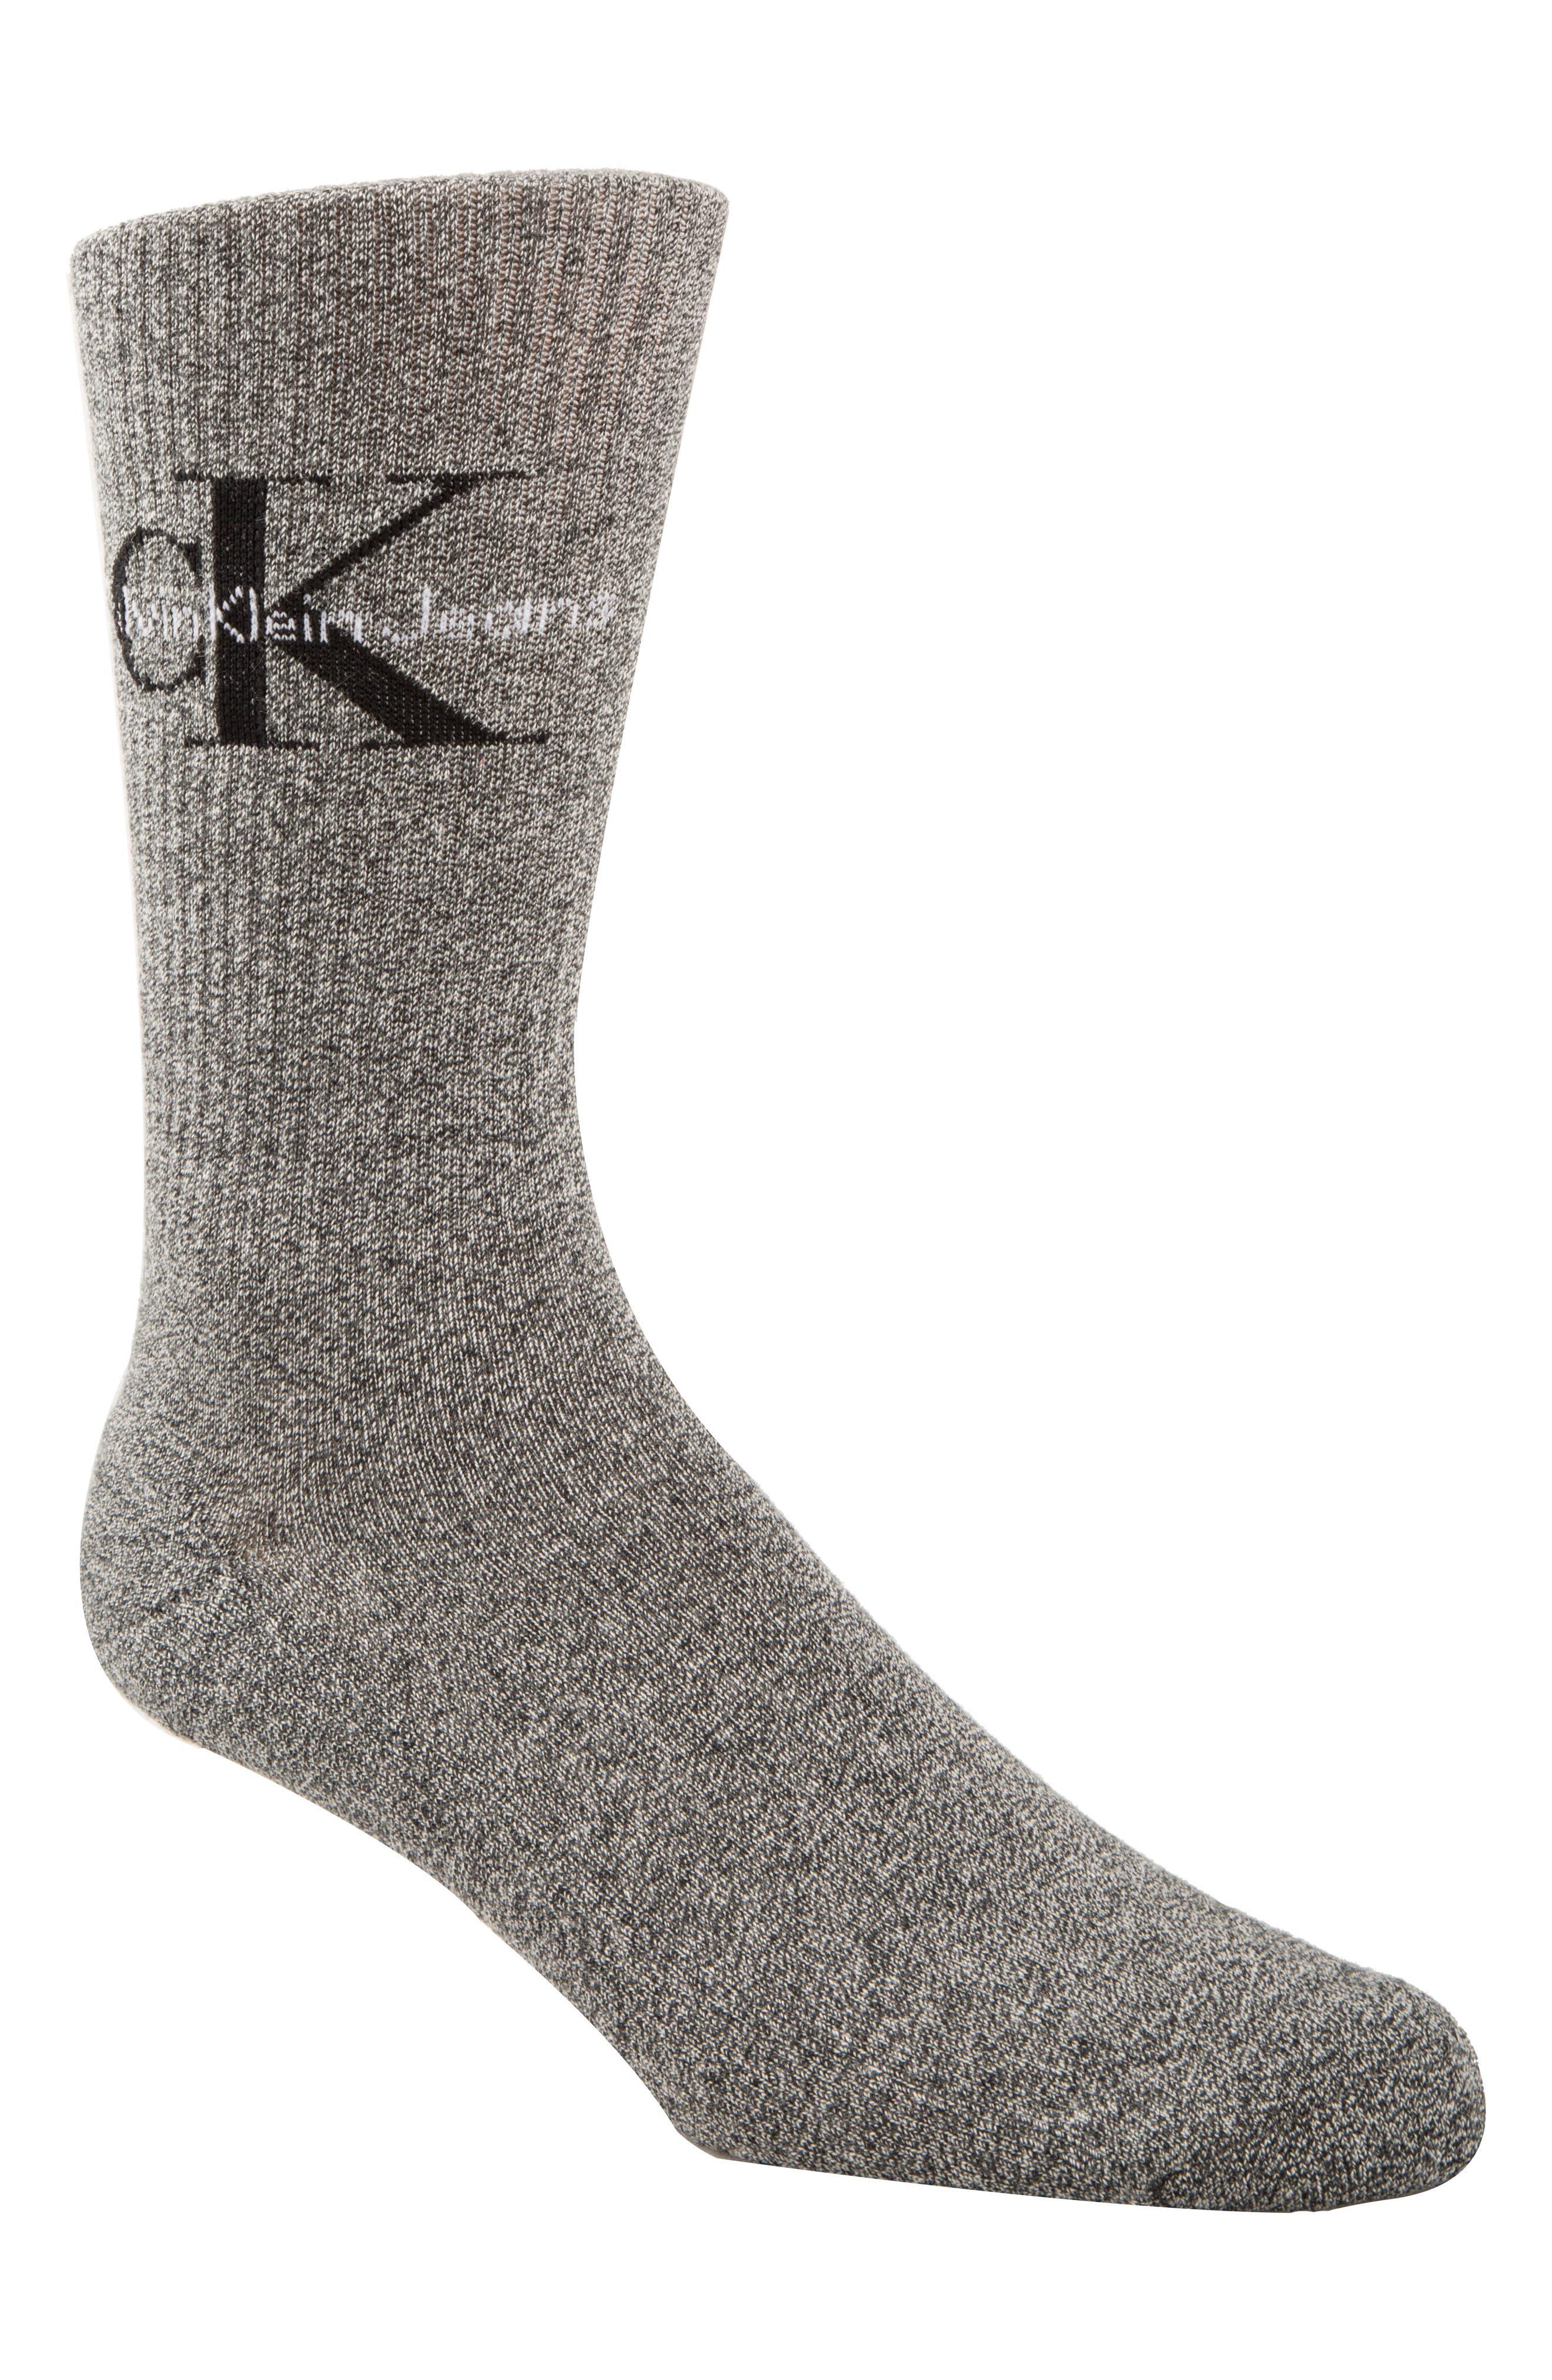 Logo Socks,                         Main,                         color, Salt/ Pepper